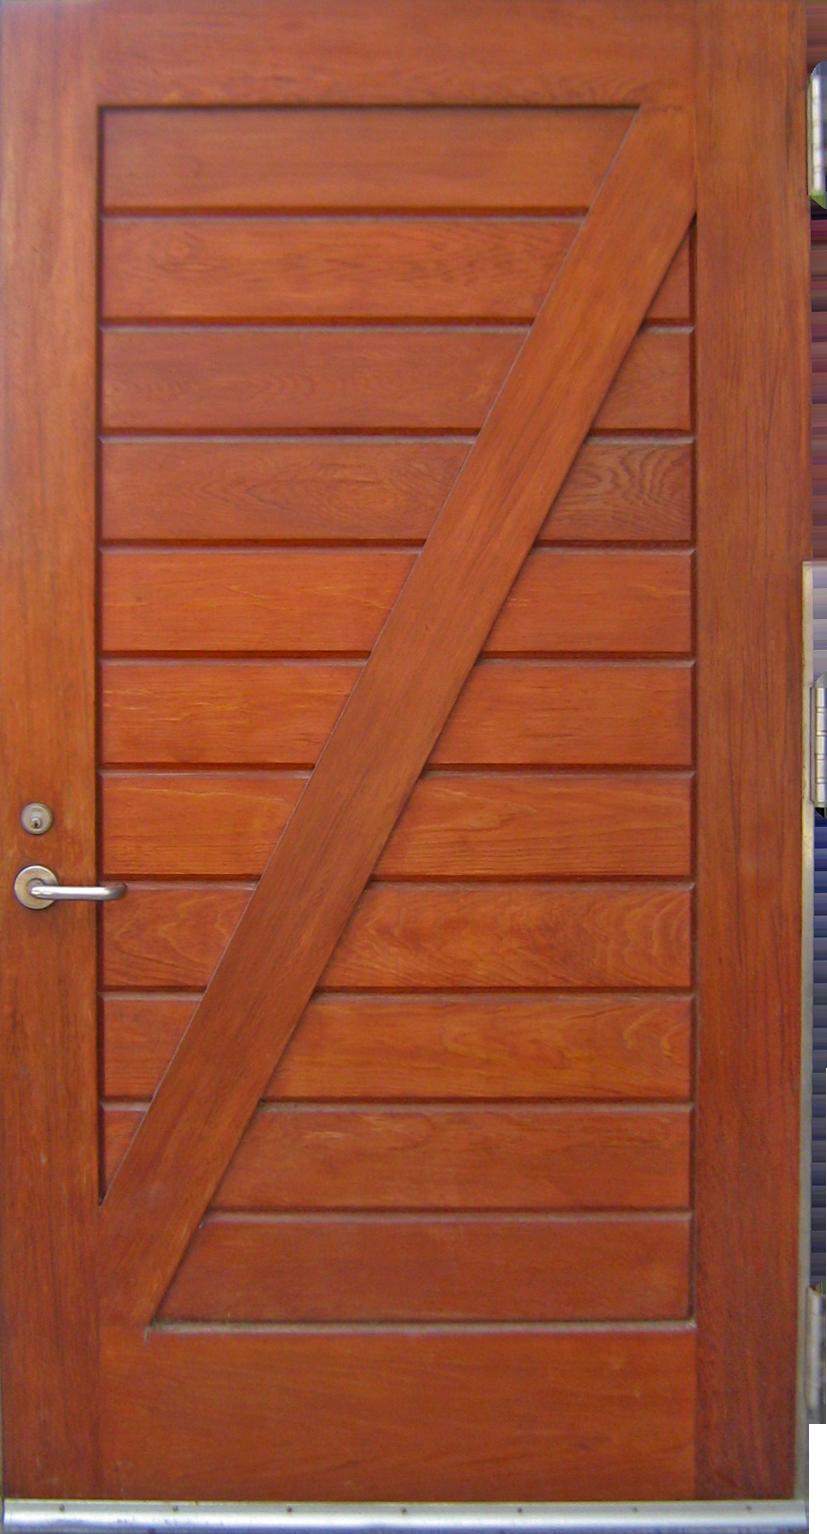 sign_wooddoor.png ... & Door Textures | OpenGameArt.org